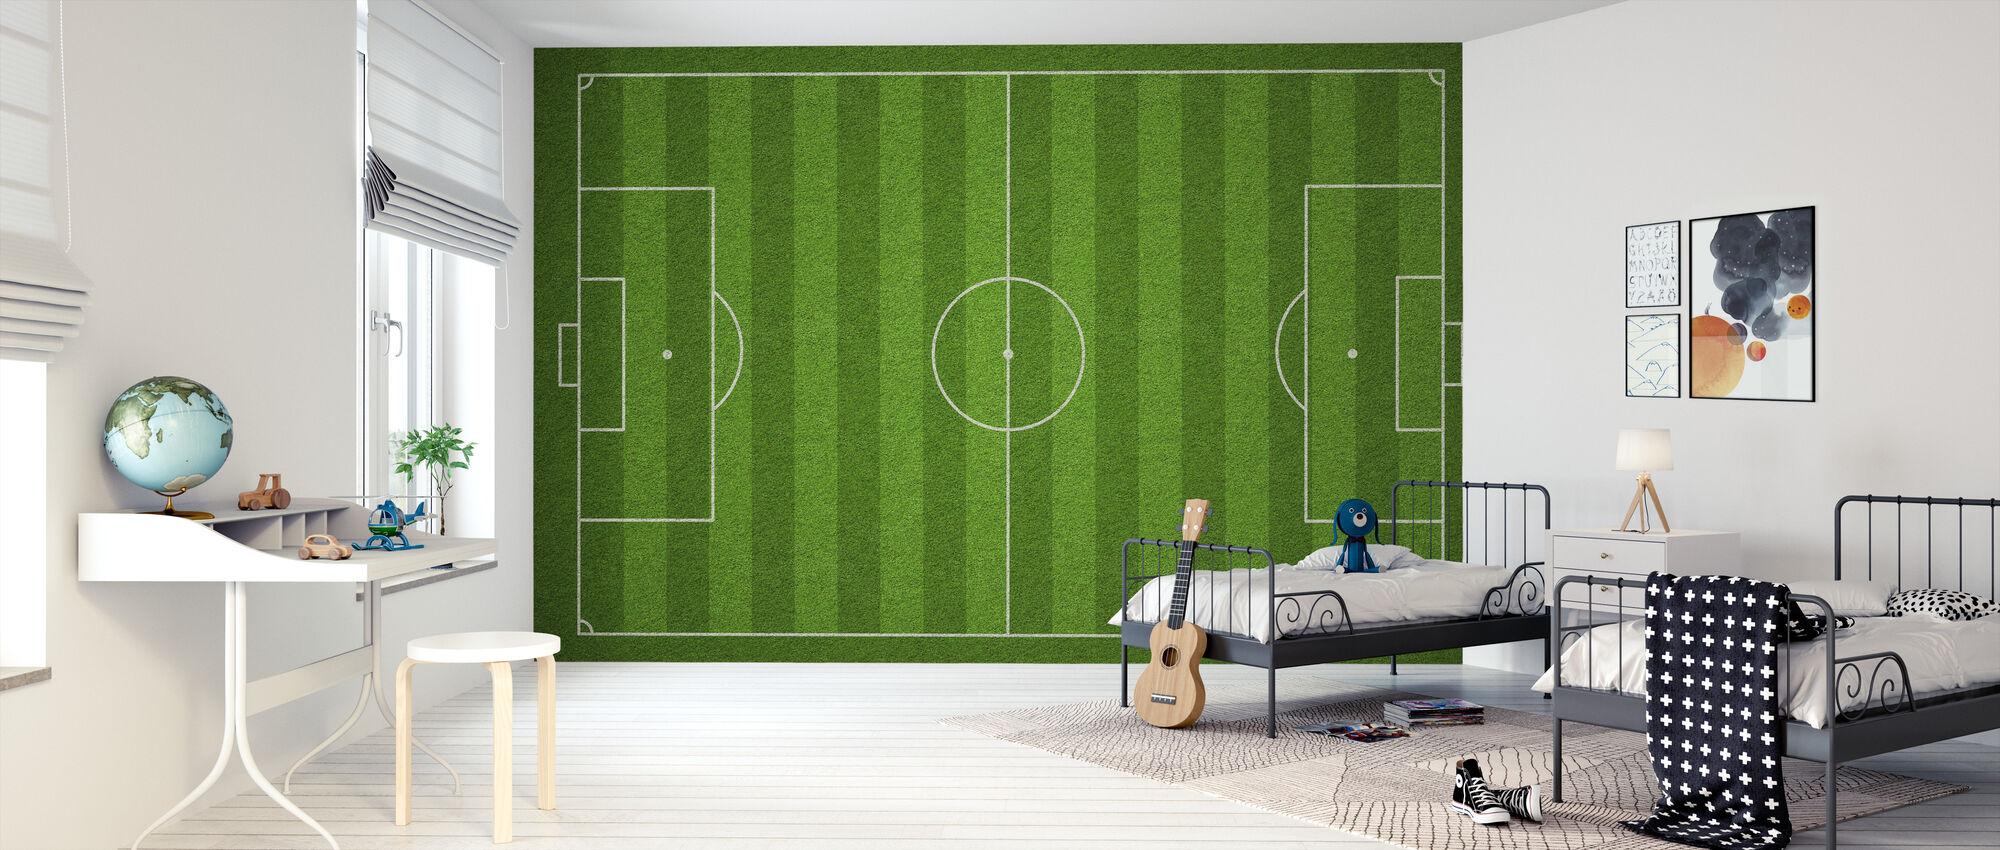 Fodboldbane - Tapet - Børneværelse